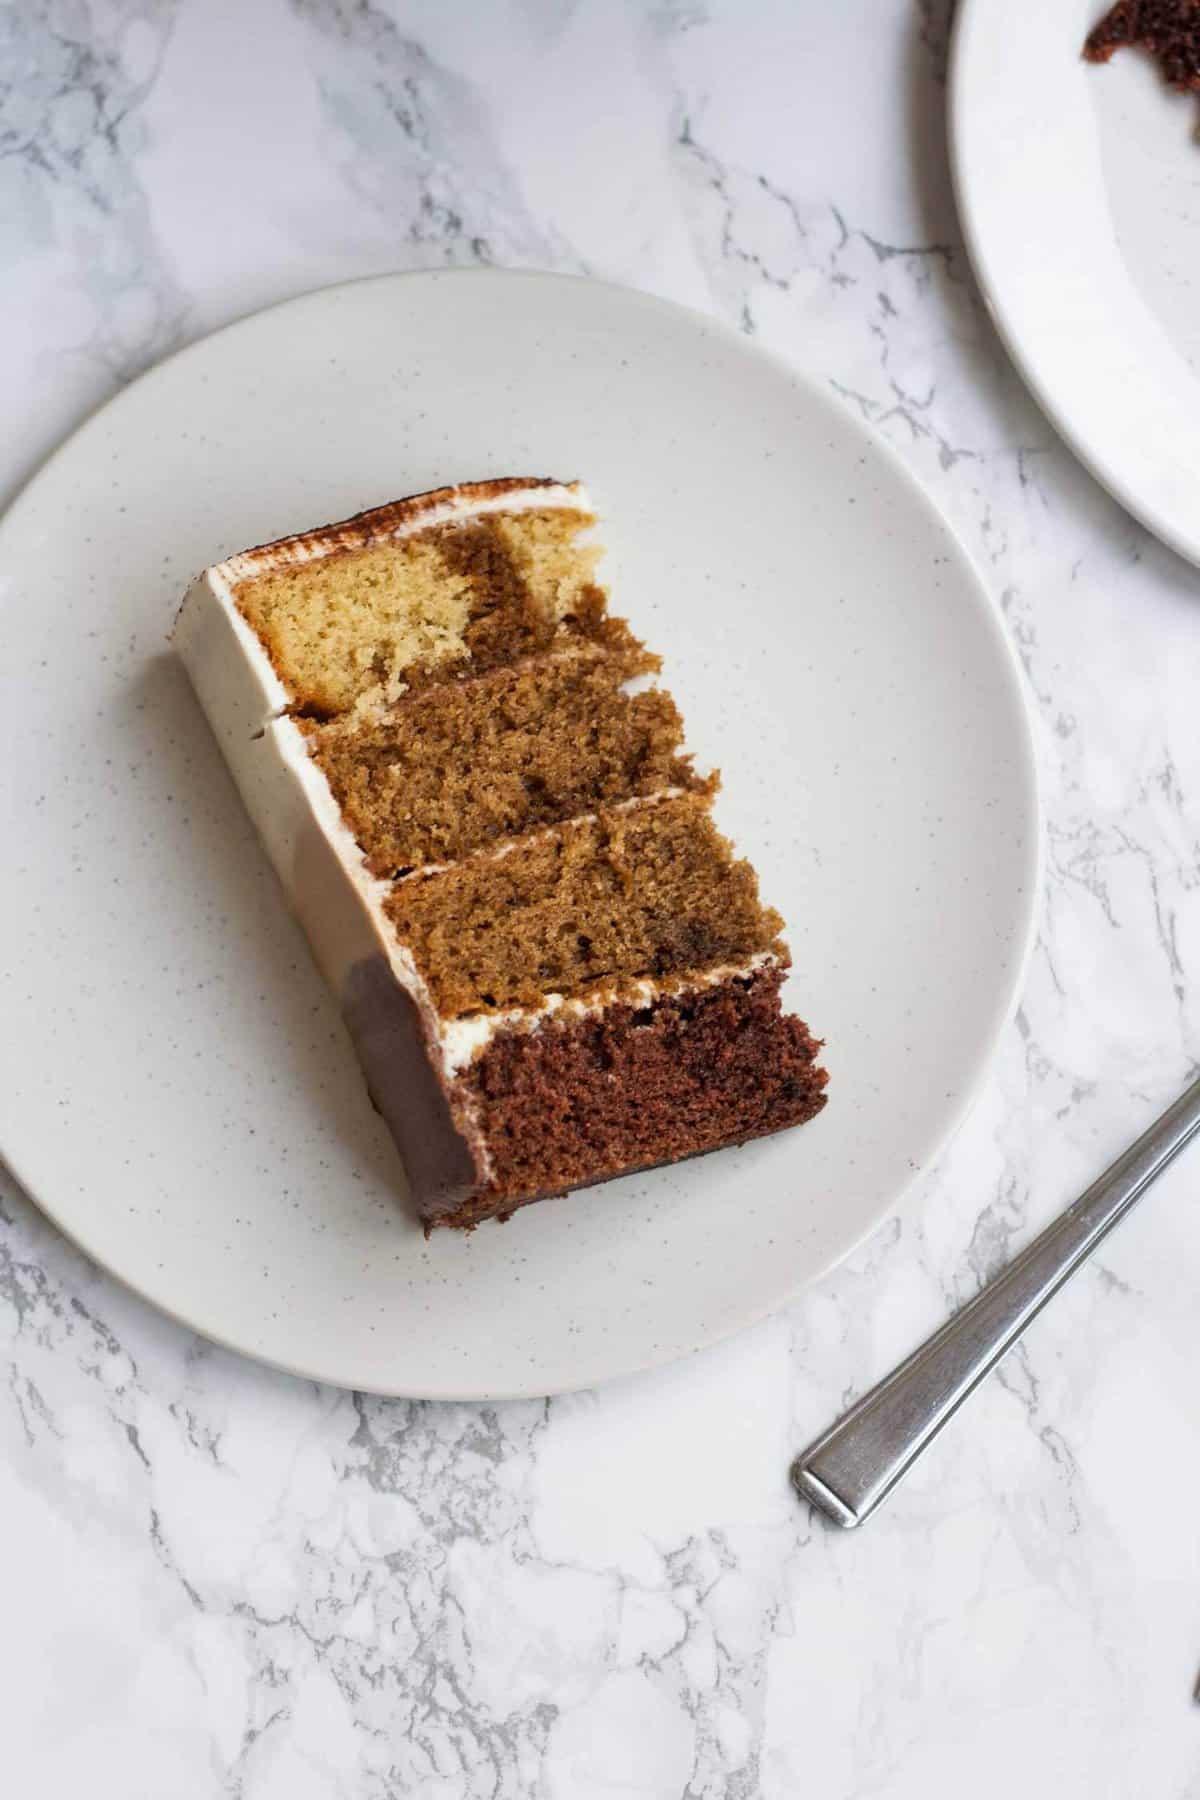 Tiramisu Layer Cake avec Ombre Mascarpone Glaçage - ce gâteau de tiramisu décadent est parfait pour les toxicomanes de café - c'est léger et savoureux et c'est un gâteau d'anniversaire idéal!     Eatloveeats.com